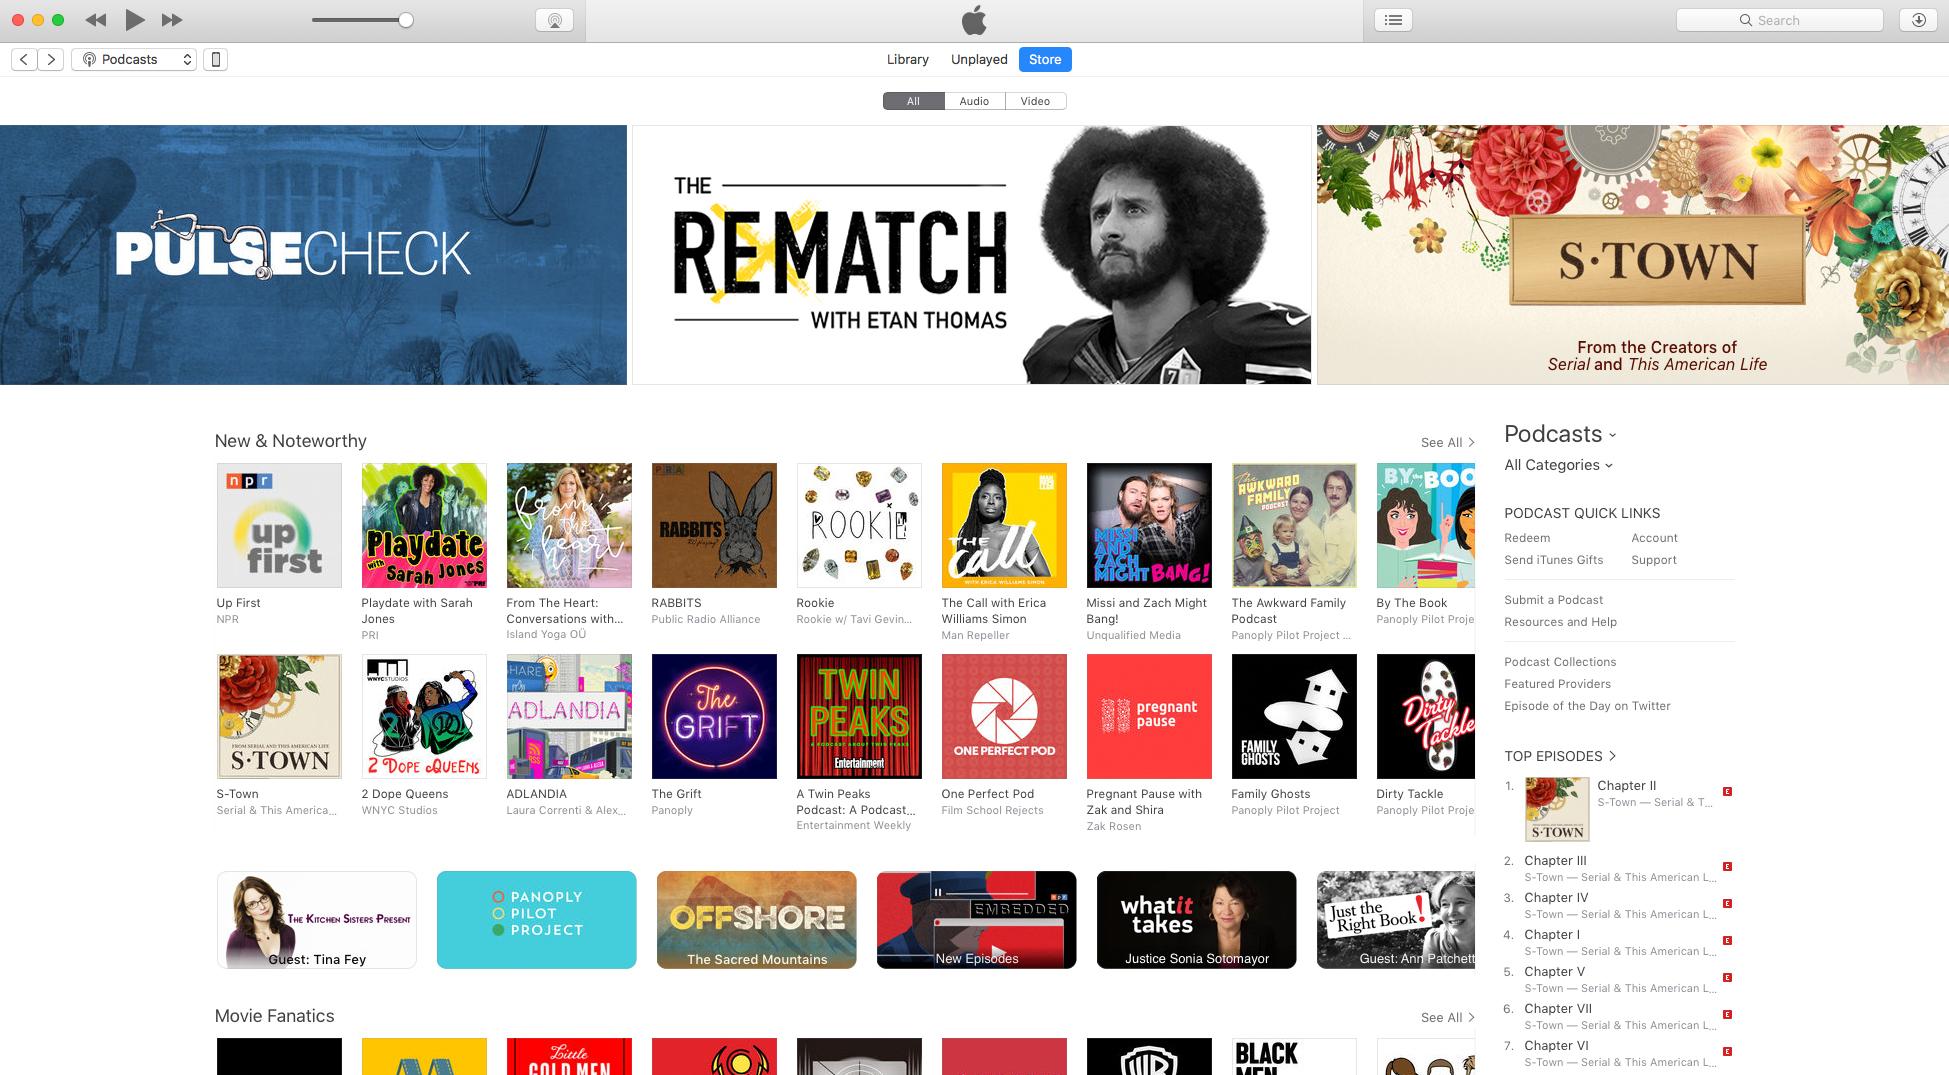 REMATCH_iTunes Mock_v2